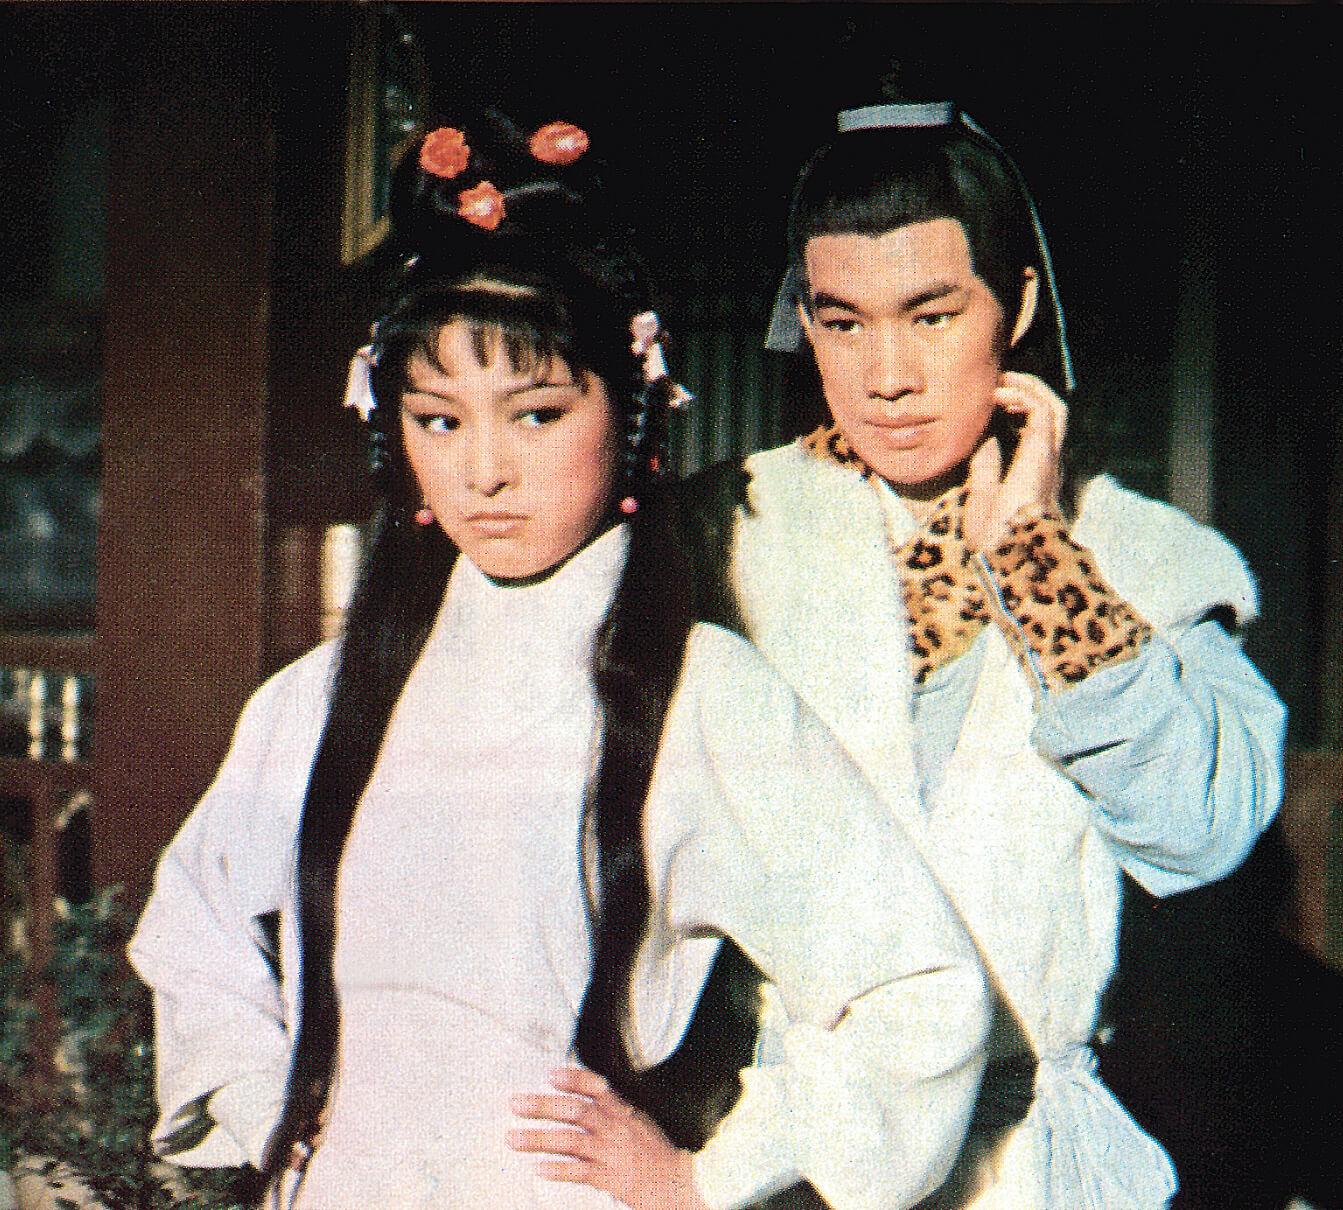 黎耀祥的首位女神是在《射鵰英雄傳》飾演「黃蓉」的米雪;同劇飾演「郭靖」的是白彪。